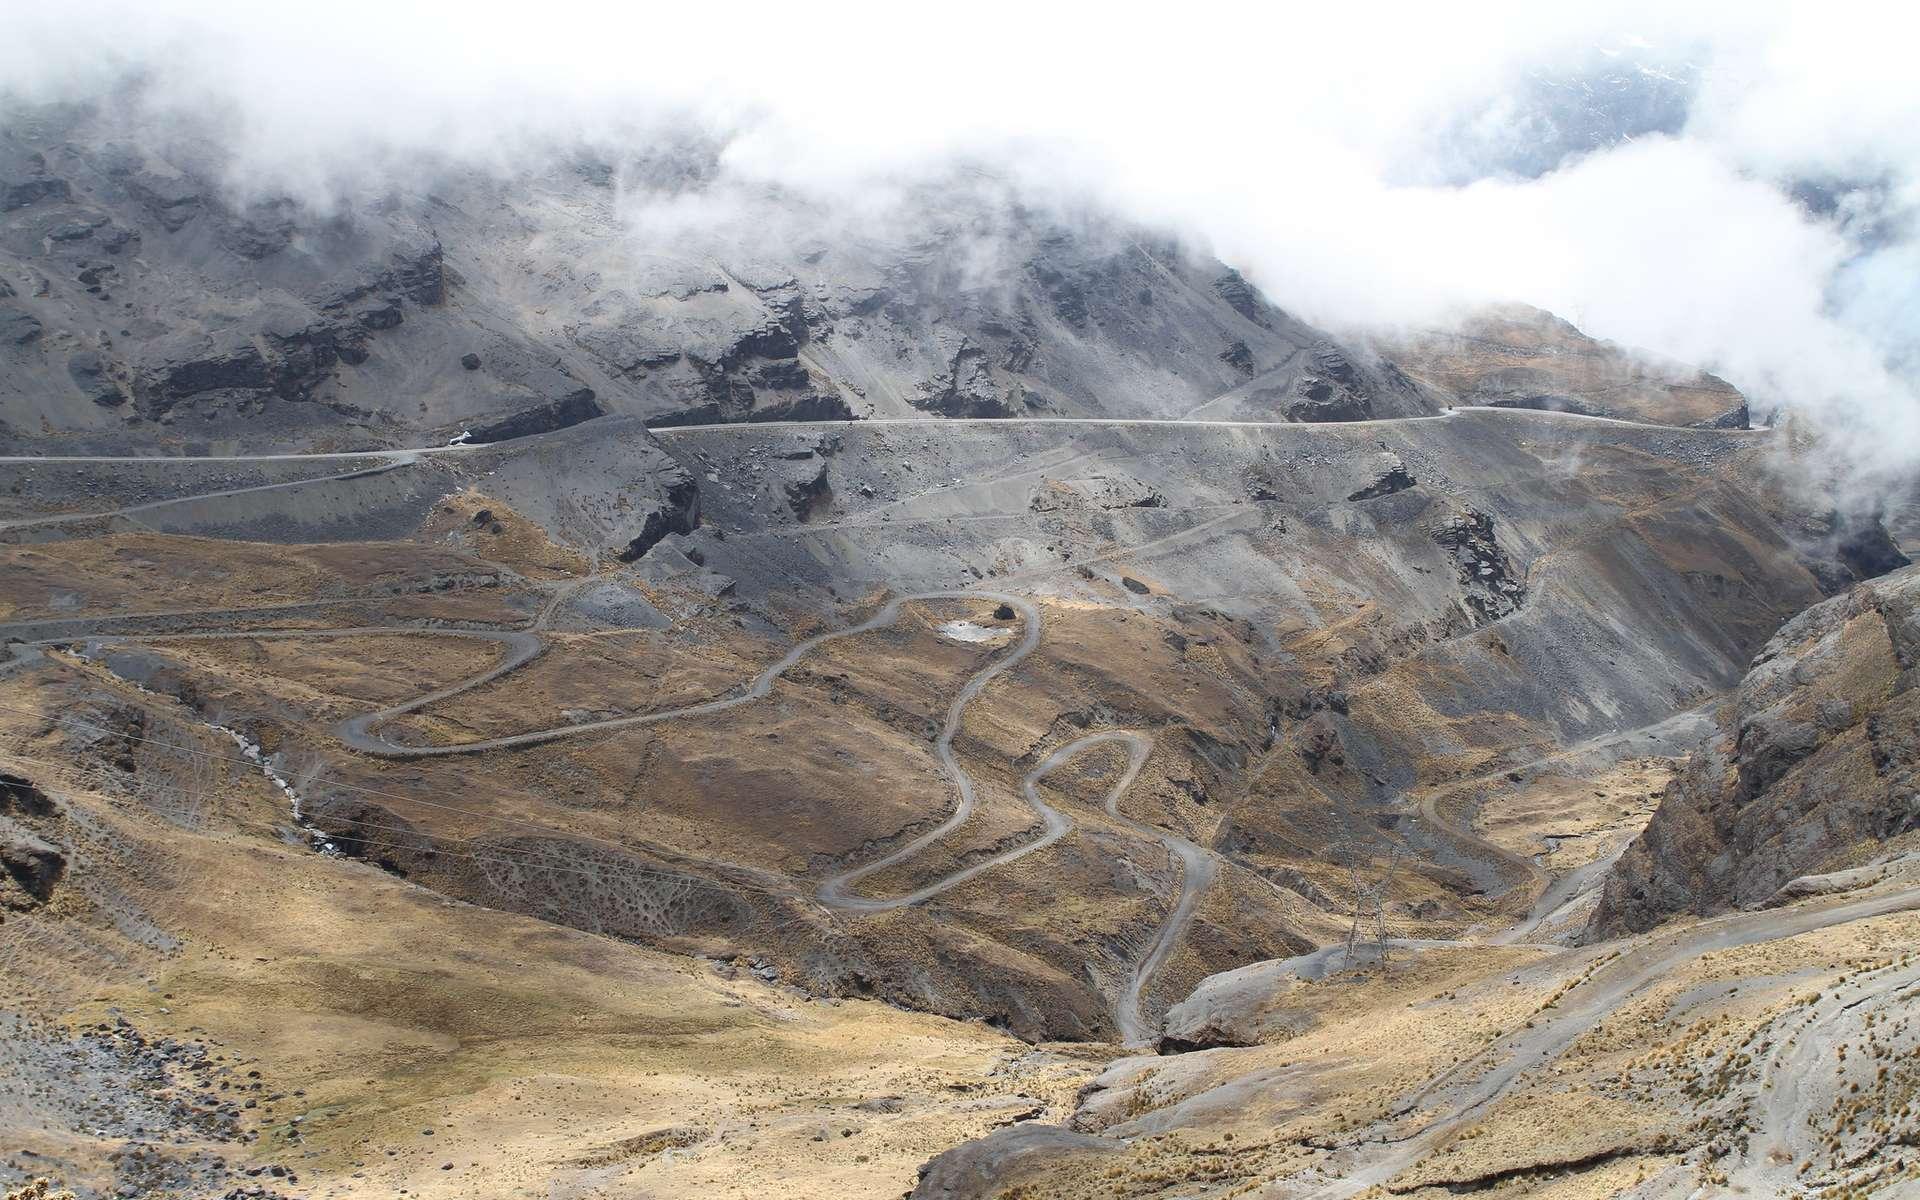 La route de la mort en Bolivie est la route la plus dangereuse du monde. © Andrew Fleming, Flickr